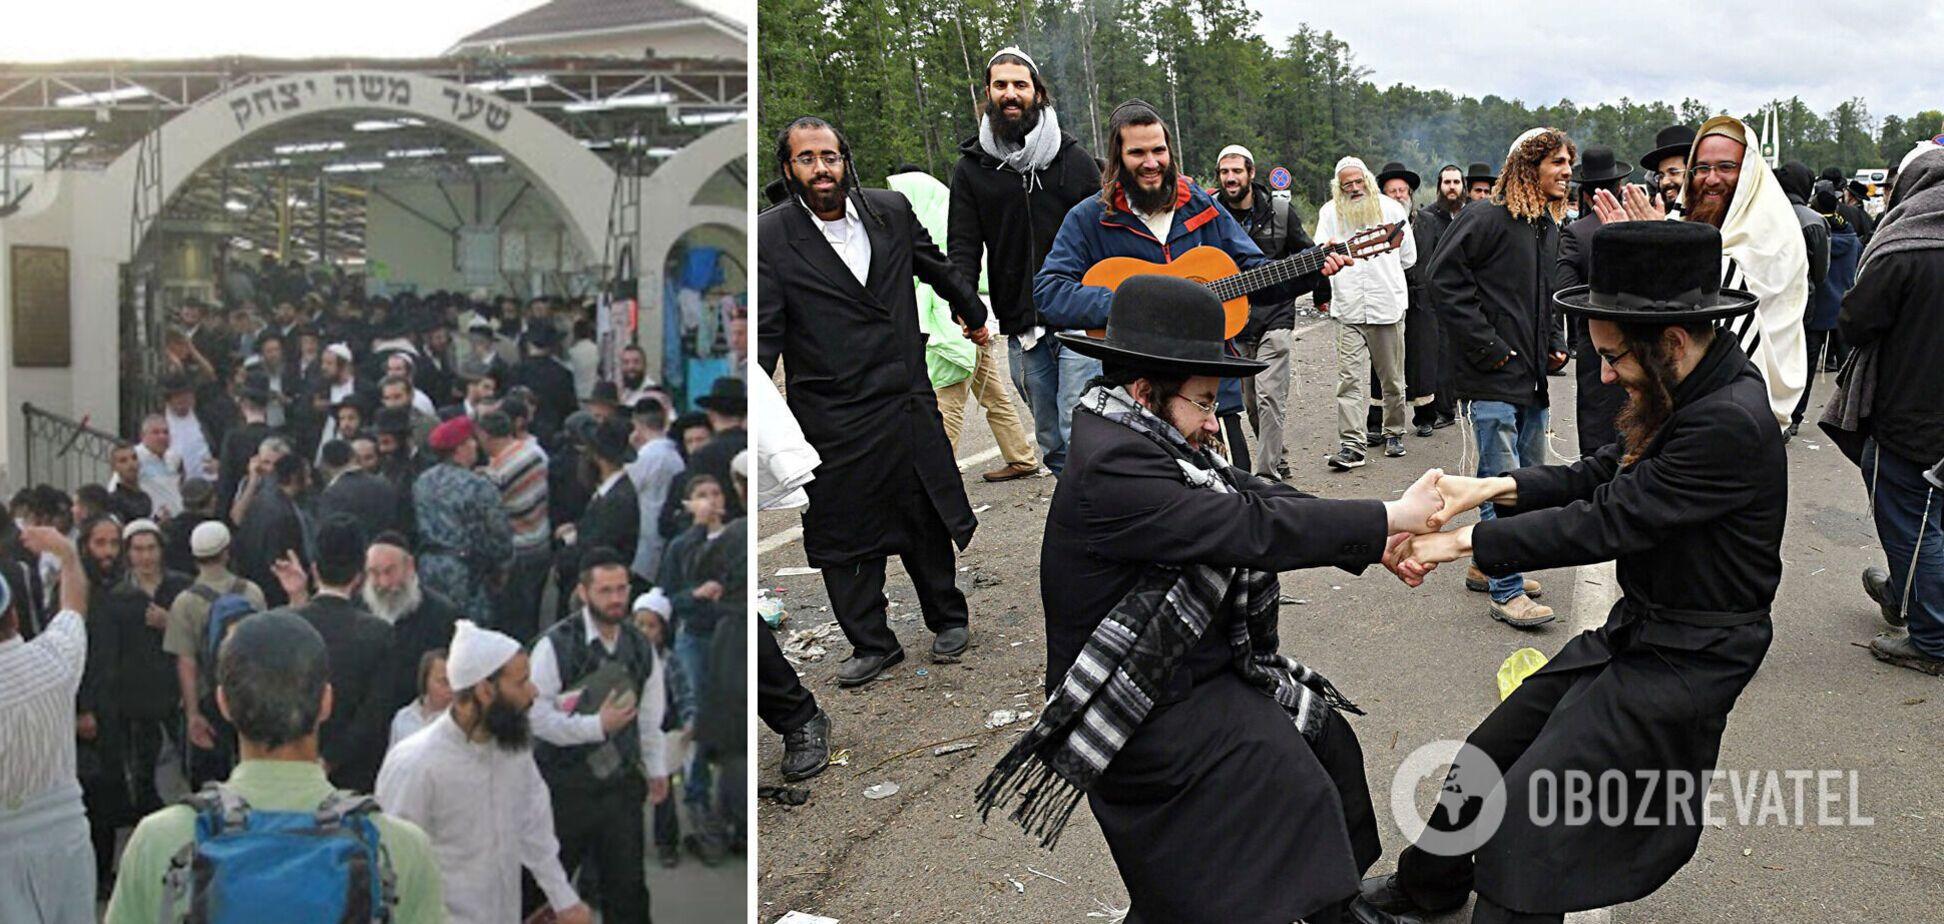 В Умань на празднование Рош ха-Шана приехали 29 тысяч хасидов. Эксклюзивные фото и видео